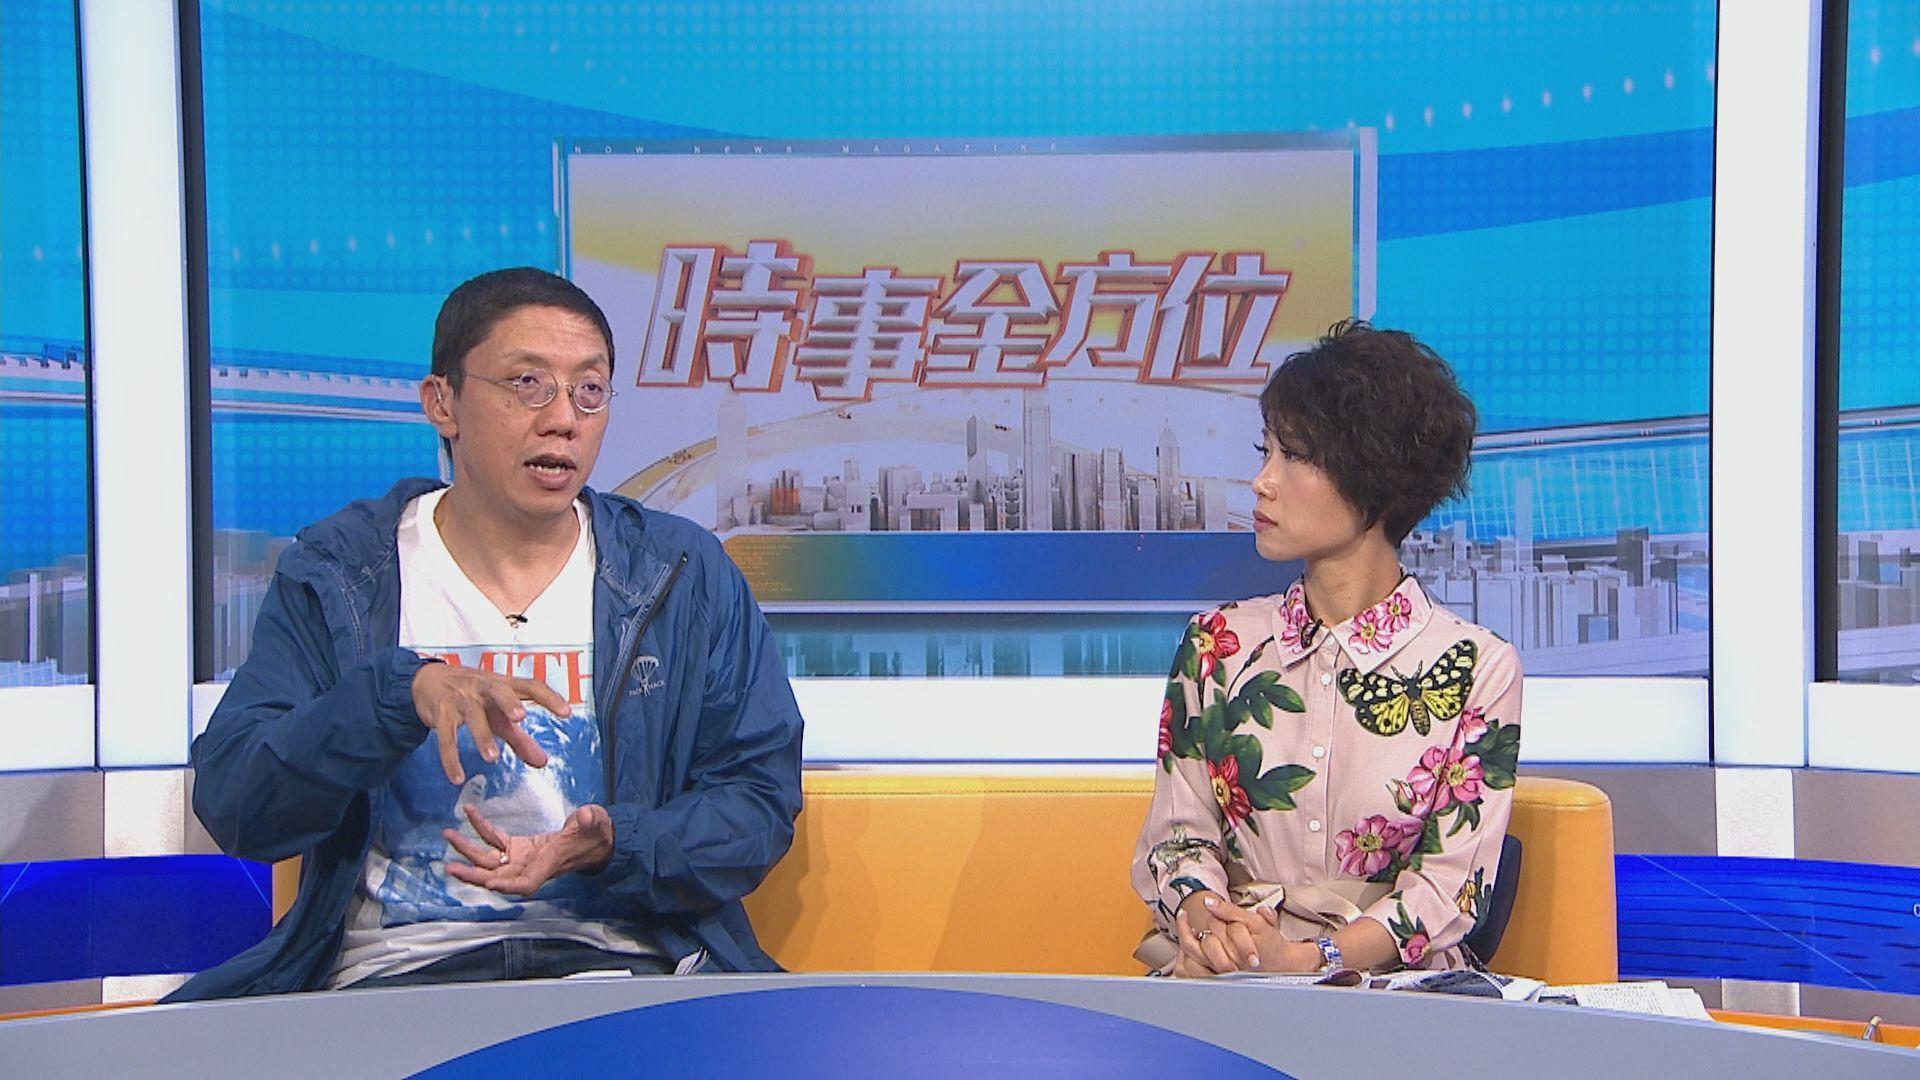 【MAX觀點】《香港自治法》為美中角力添籌碼 制裁影響不算小......